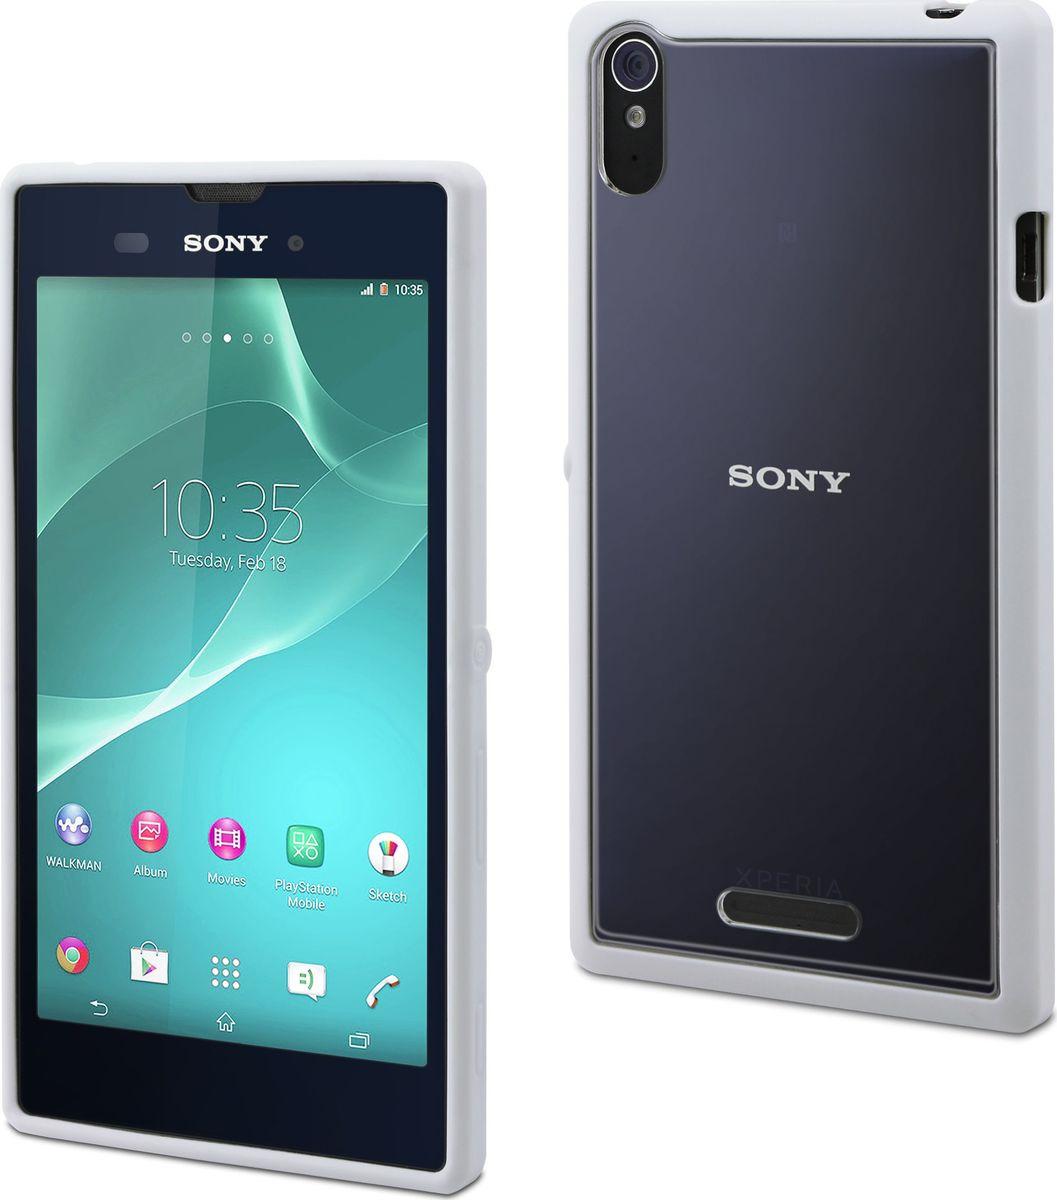 Чехол для сотового телефона Muvit MFX Bimat Case для Sony Xperia T3, SEBMC0034, белый чехол для sony f8331 f8332 xperia xz skinbox lux case черный